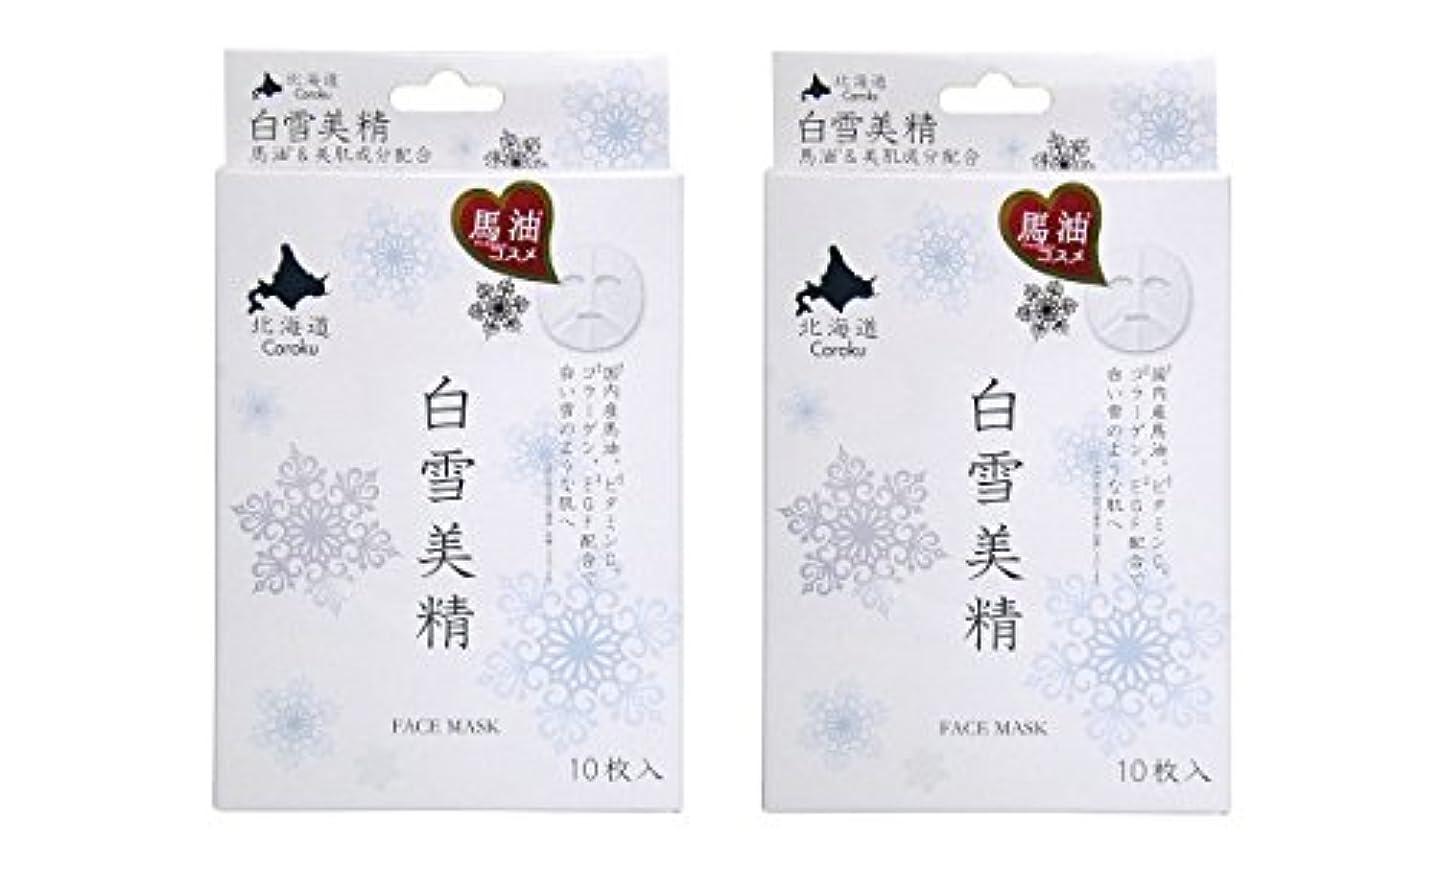 健全すみませんチャンピオンシップCoroku 白雪美精  フェイシャルホワイトマスク 10枚入り 2箱セット